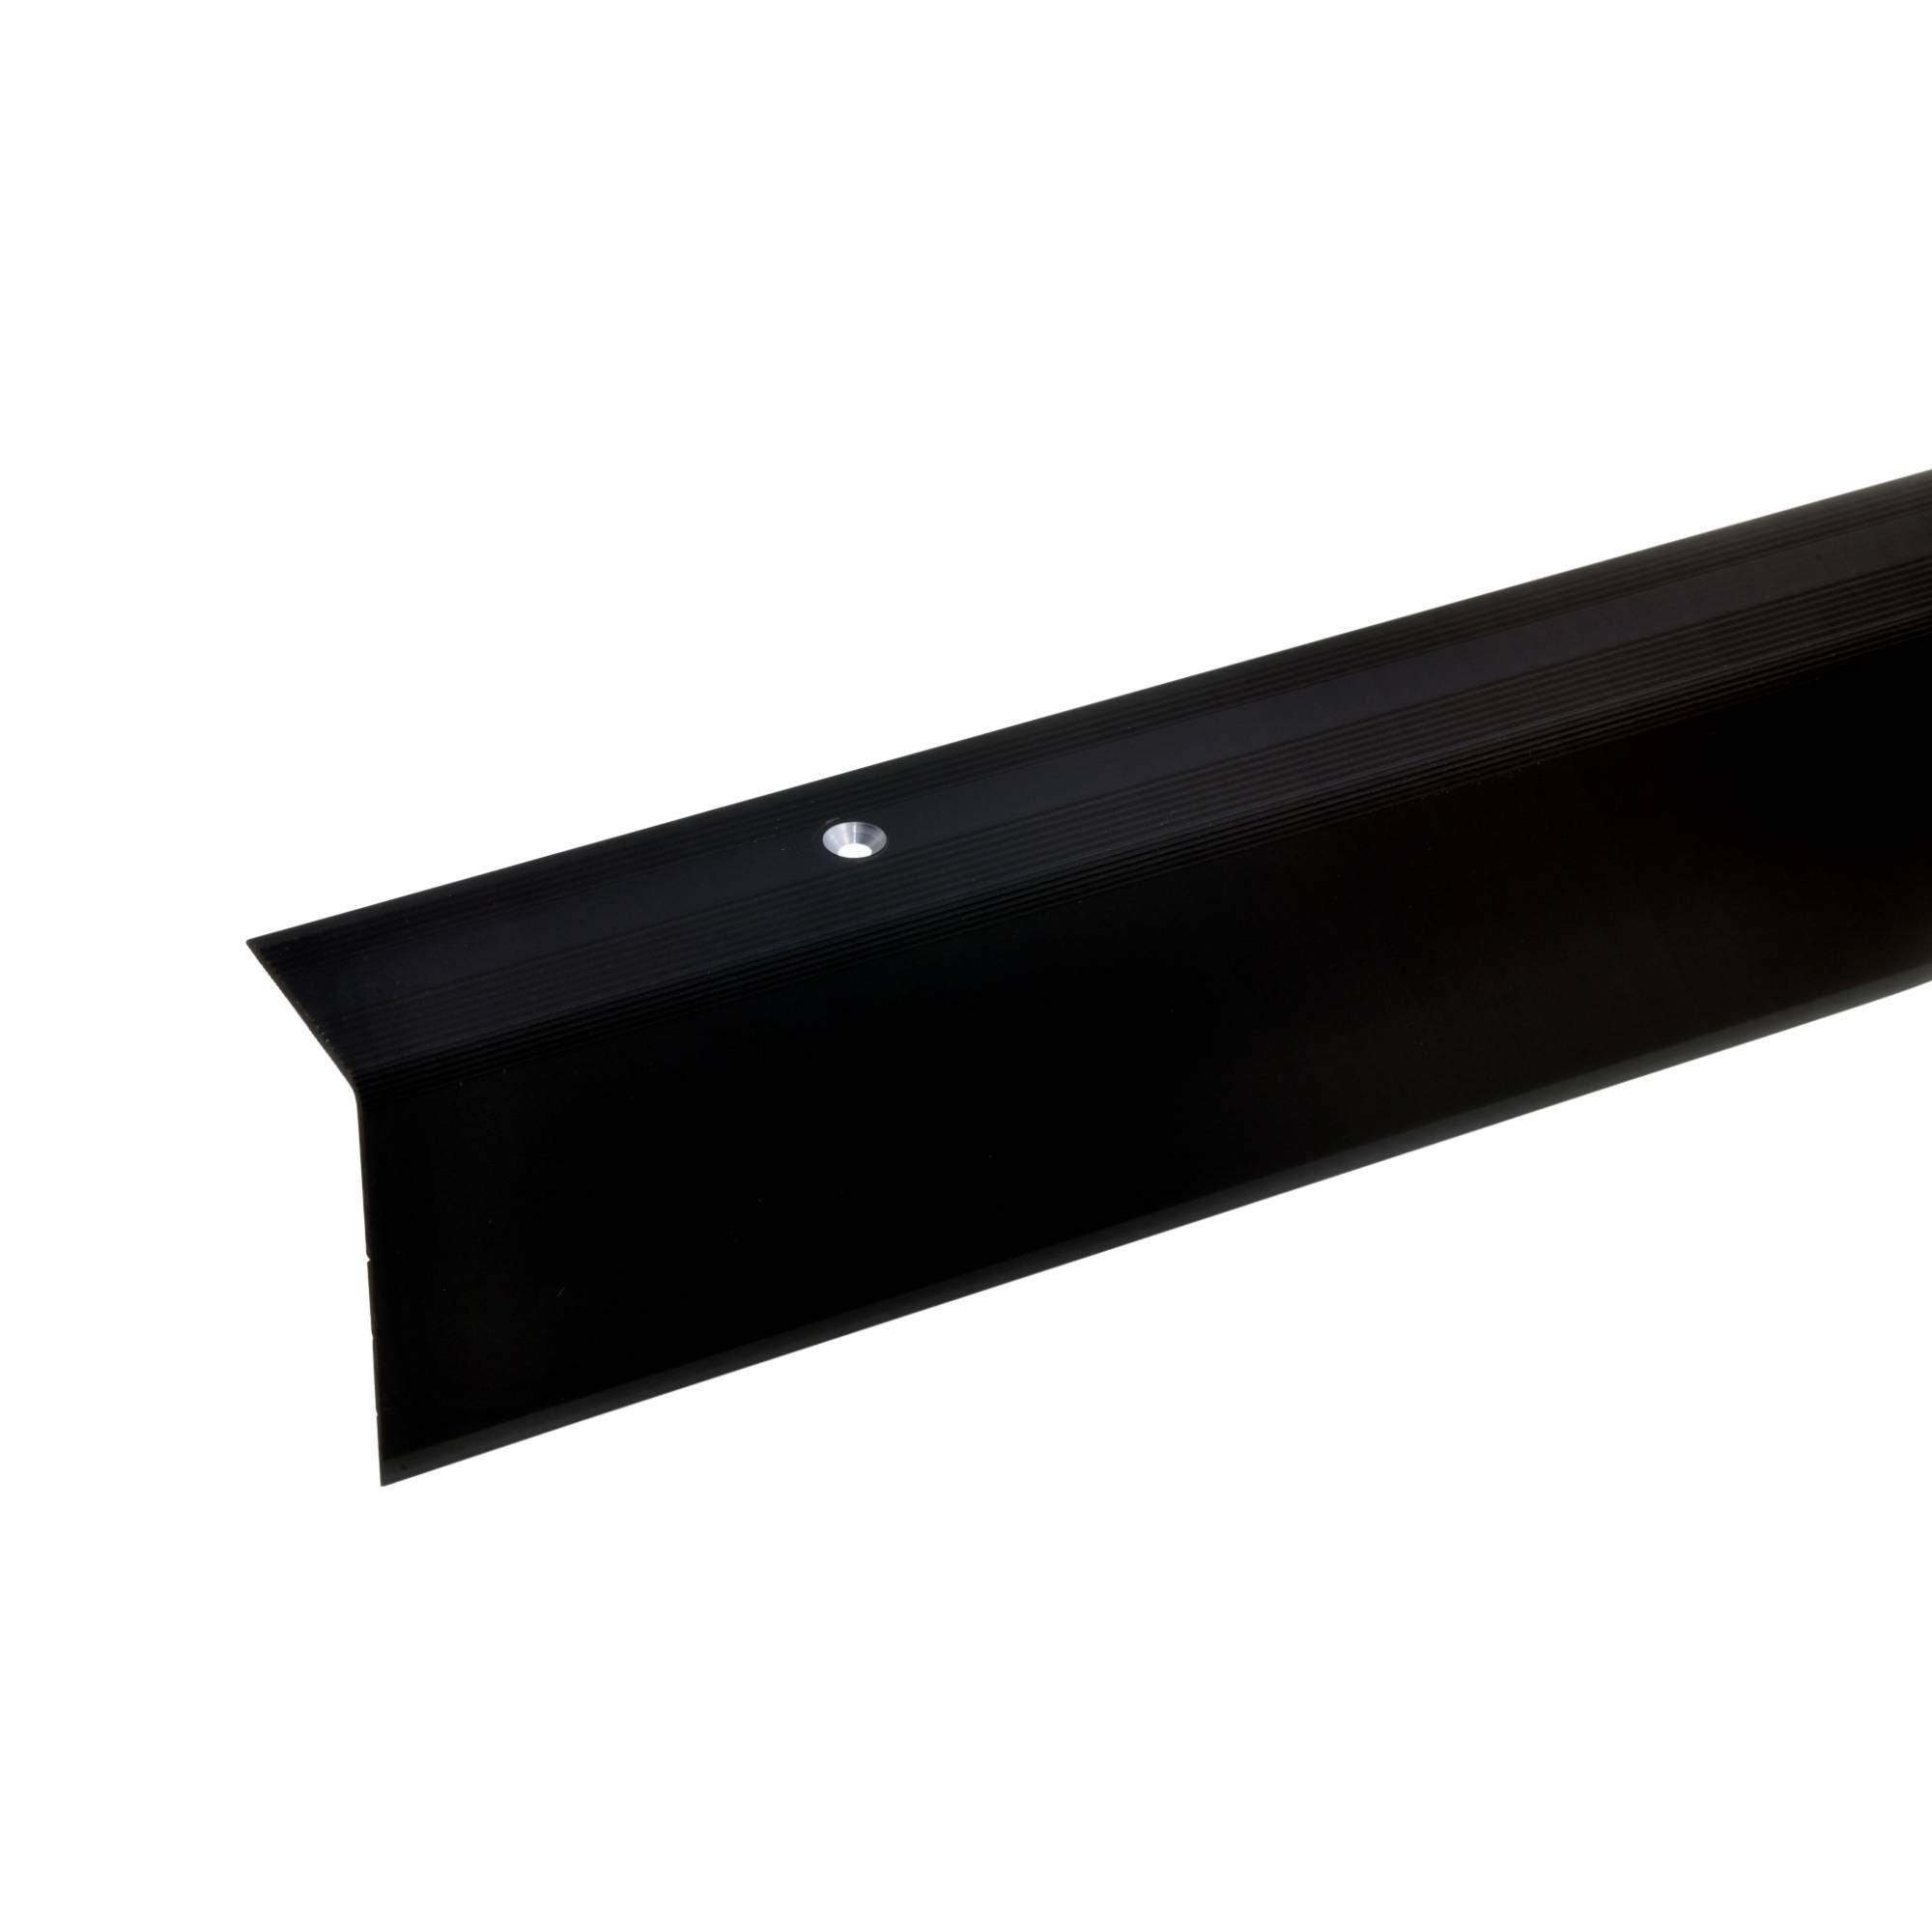 acerto 51044 Perfil angular de escalera de aluminio - 135cm 52x30mm bronce oscuro * Antideslizante * Robusto * Fácil instalación | Perfil de peldaño perfil de peldaño de escalera de aluminio: Amazon.es: Bricolaje y herramientas